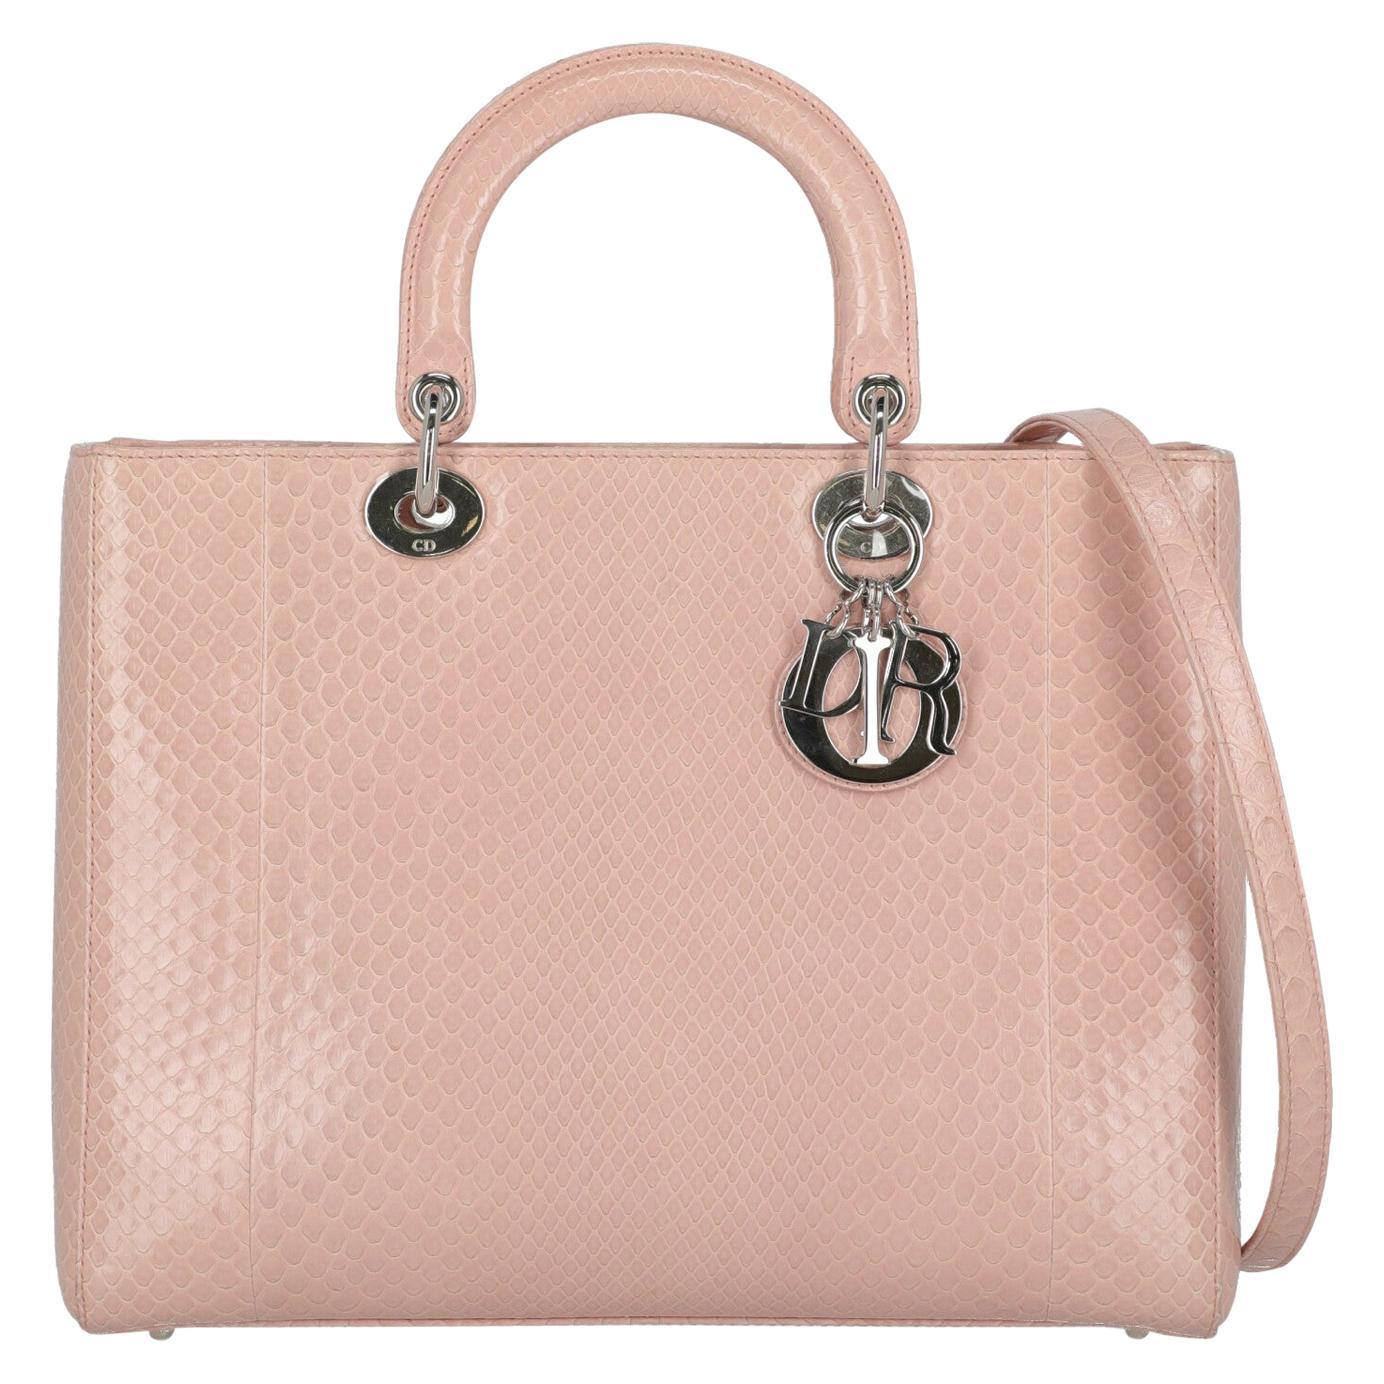 Dior Women's Shoulder Bag Lady Dior Pink Leather